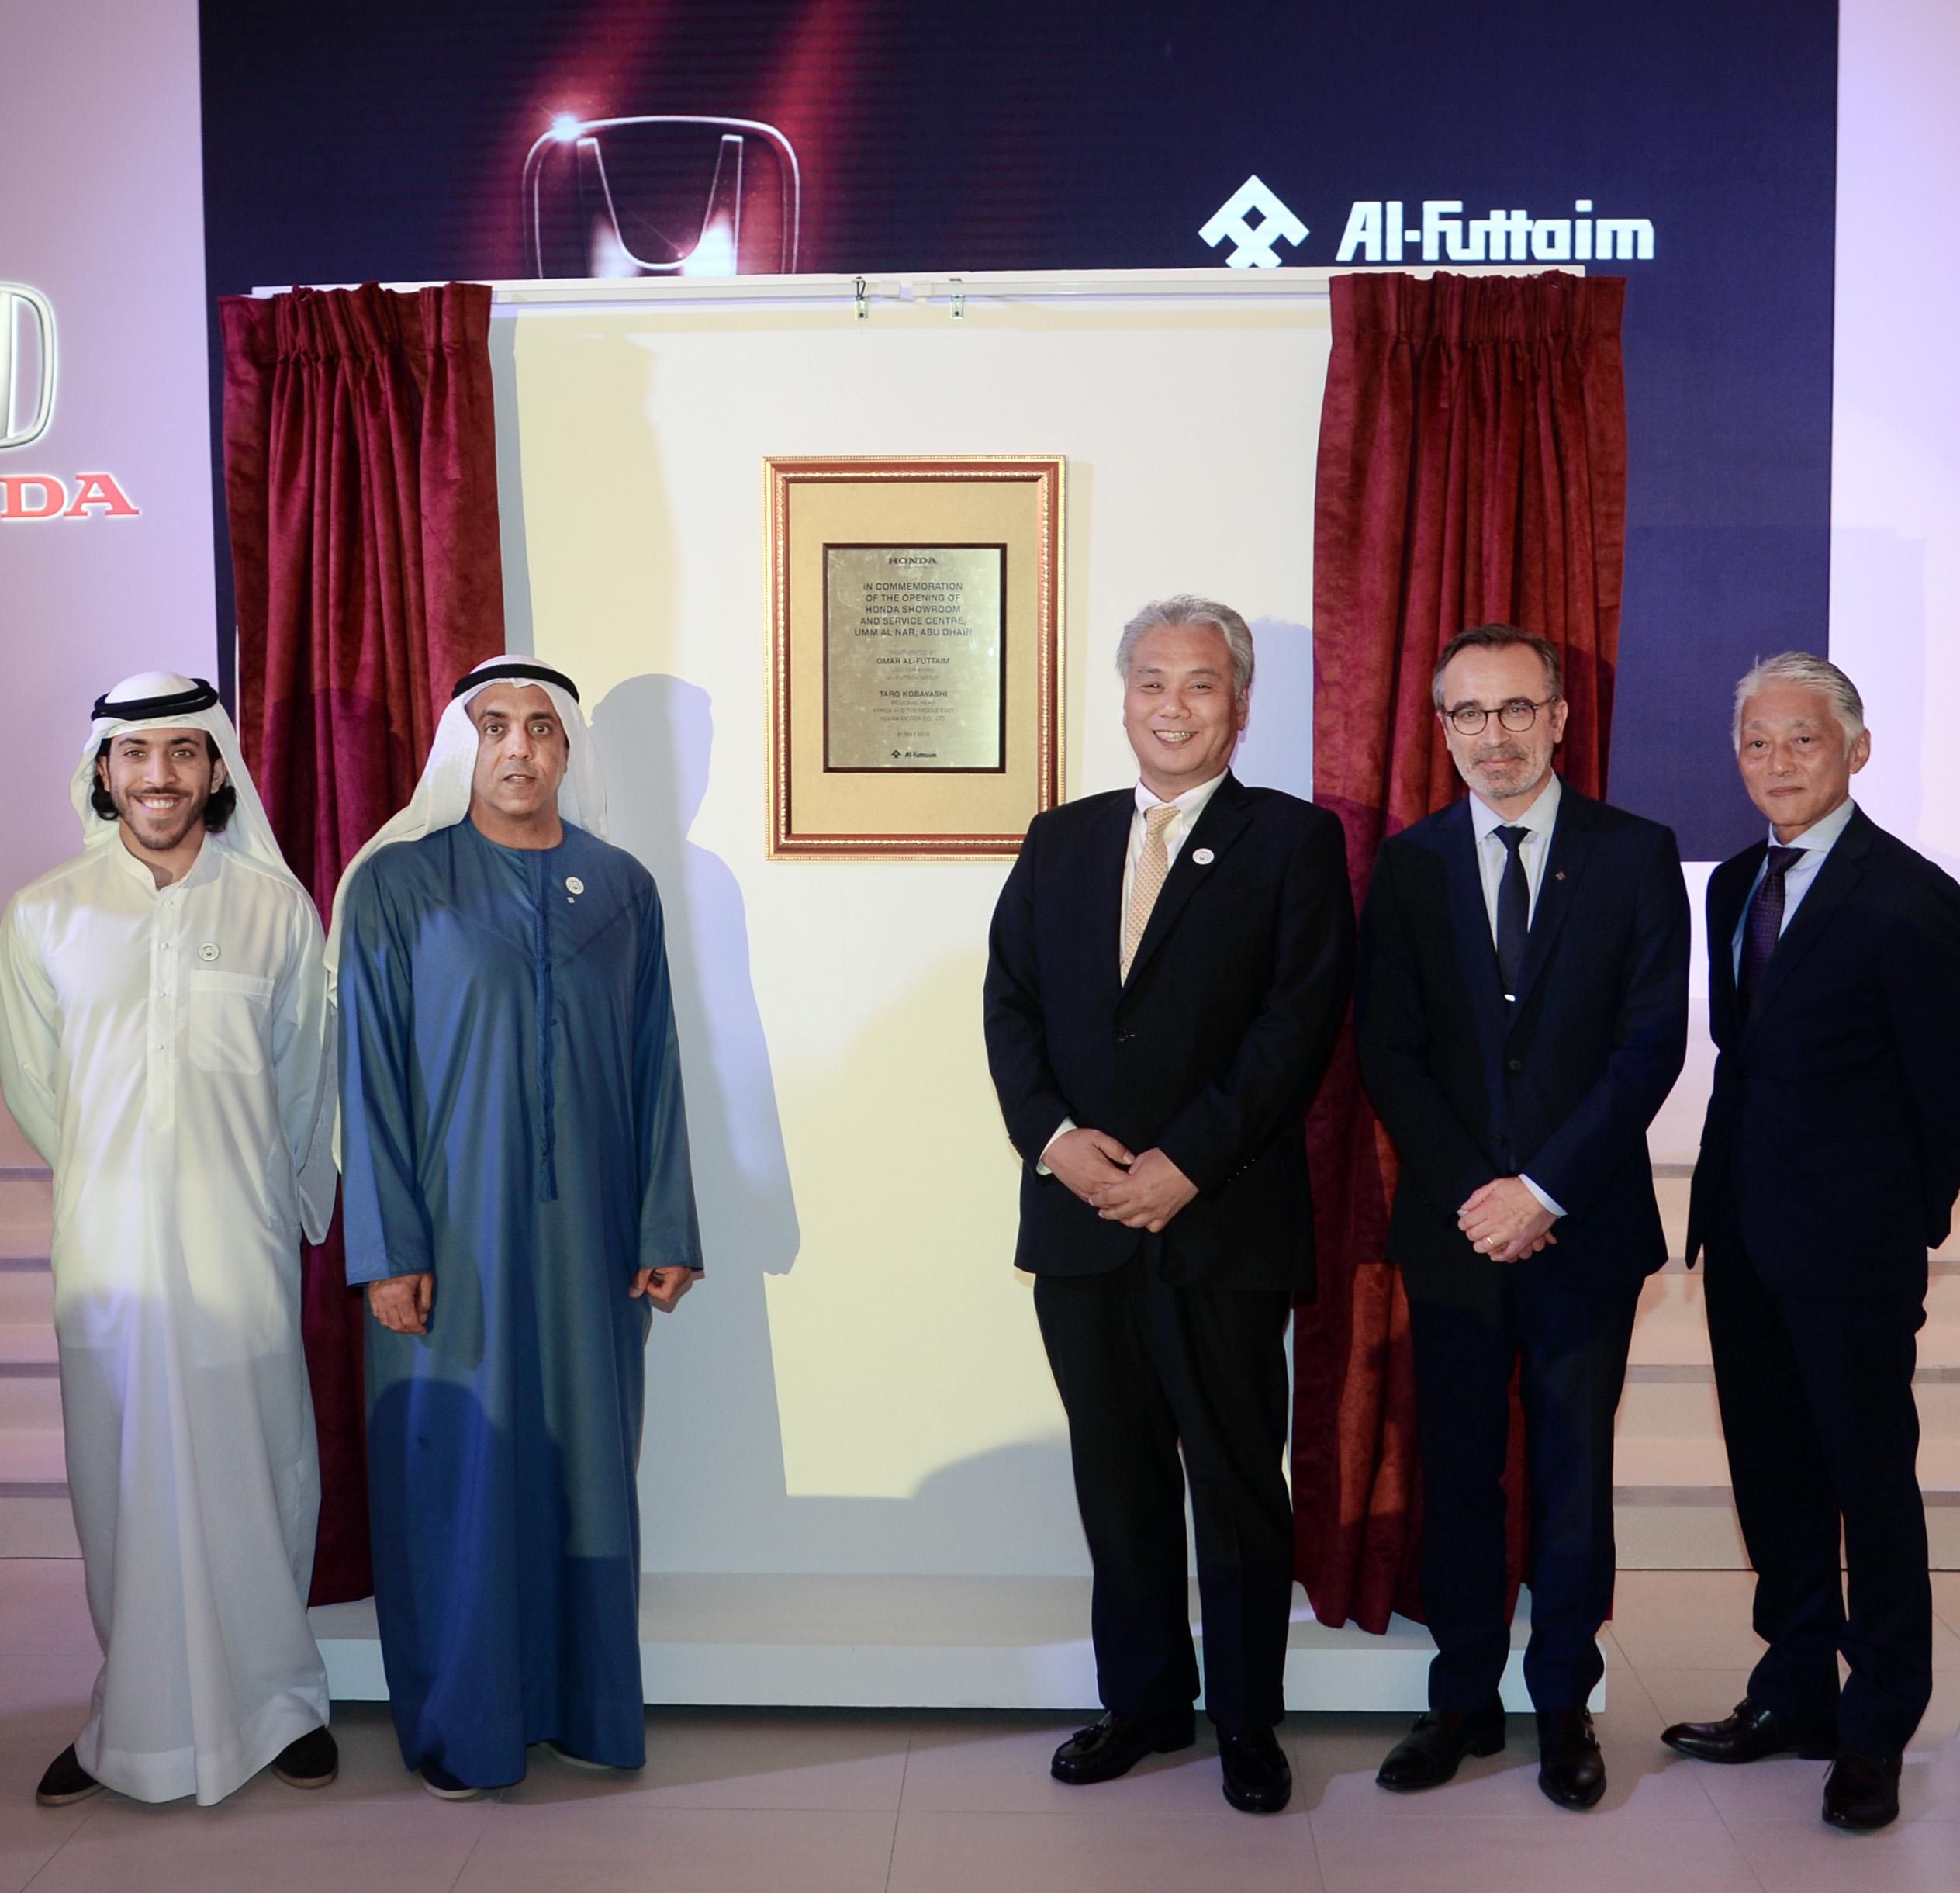 Al-Futtaim Honda Opens New 3S Facility in Abu Dhabi